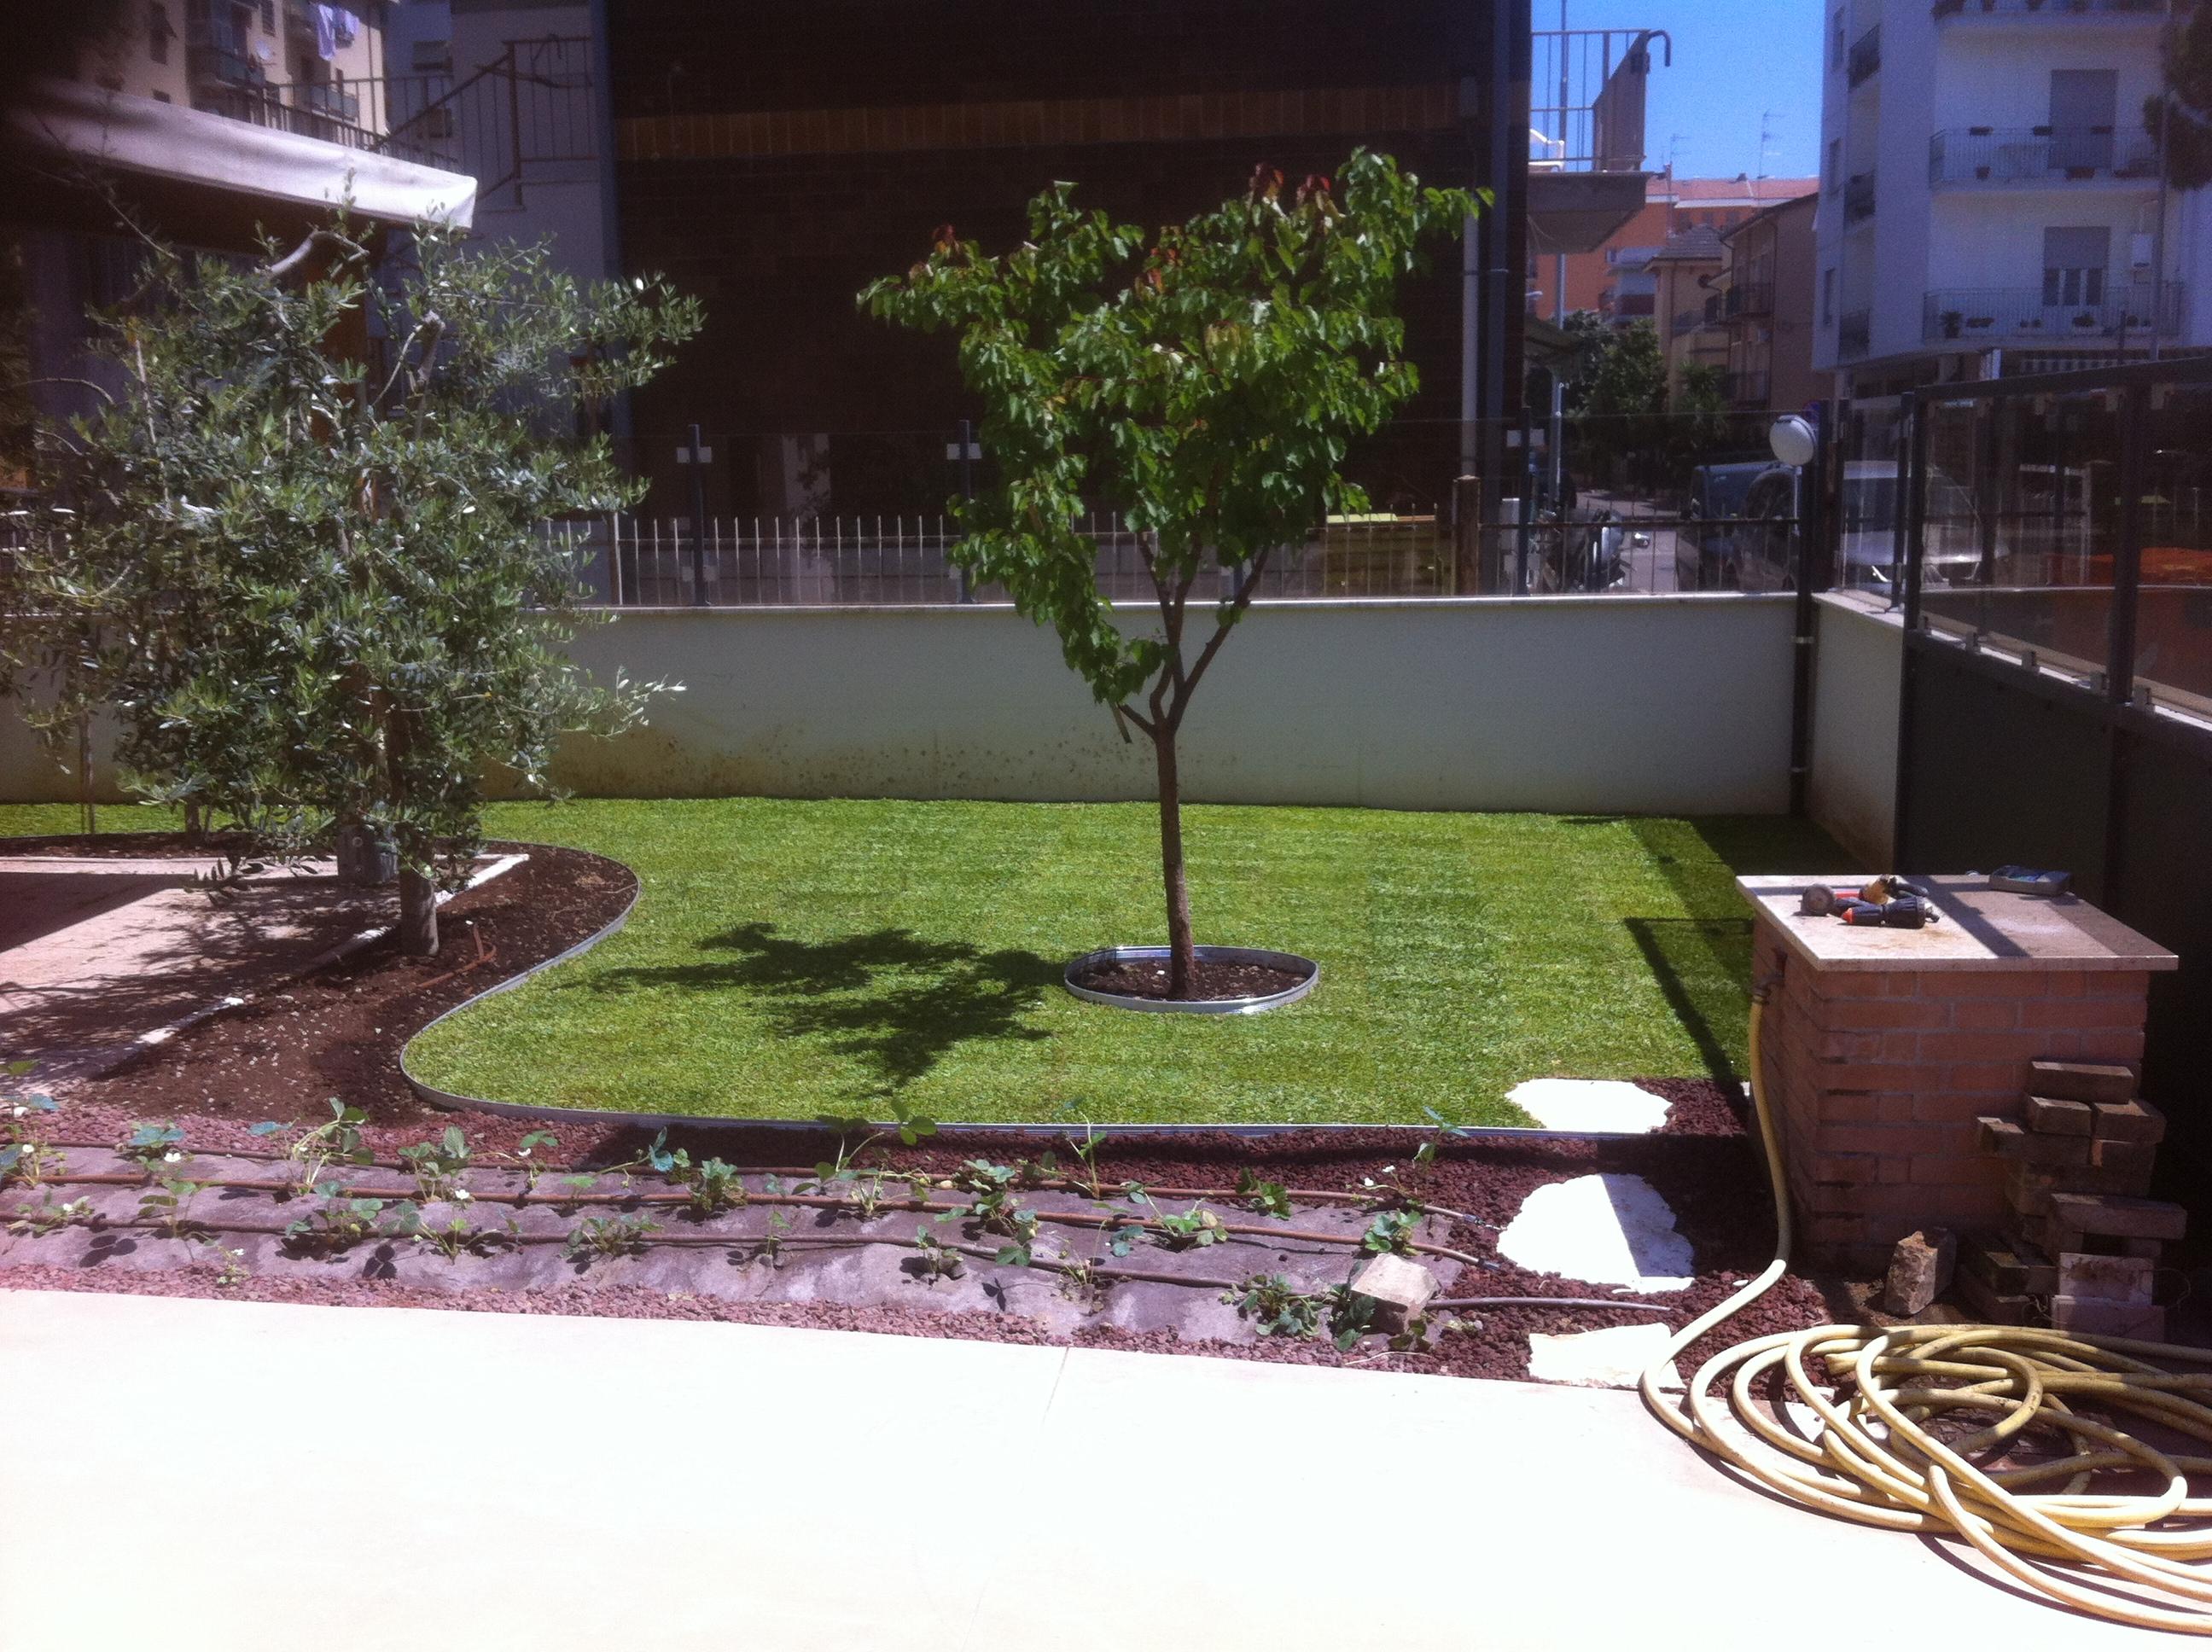 verde ornamentale 2